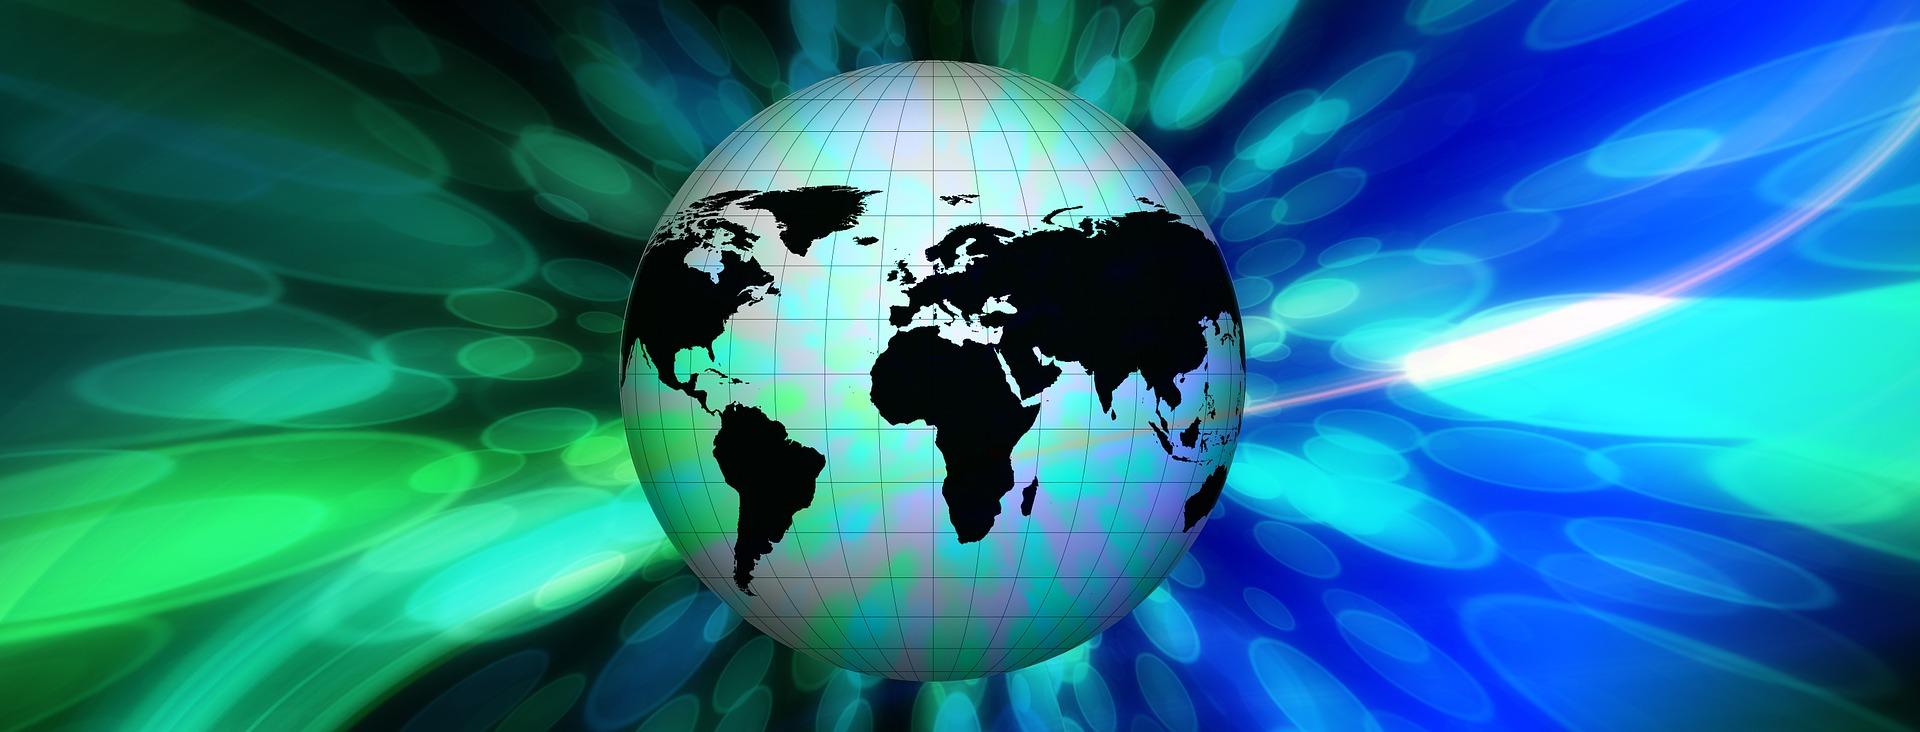 globe-706982_1920